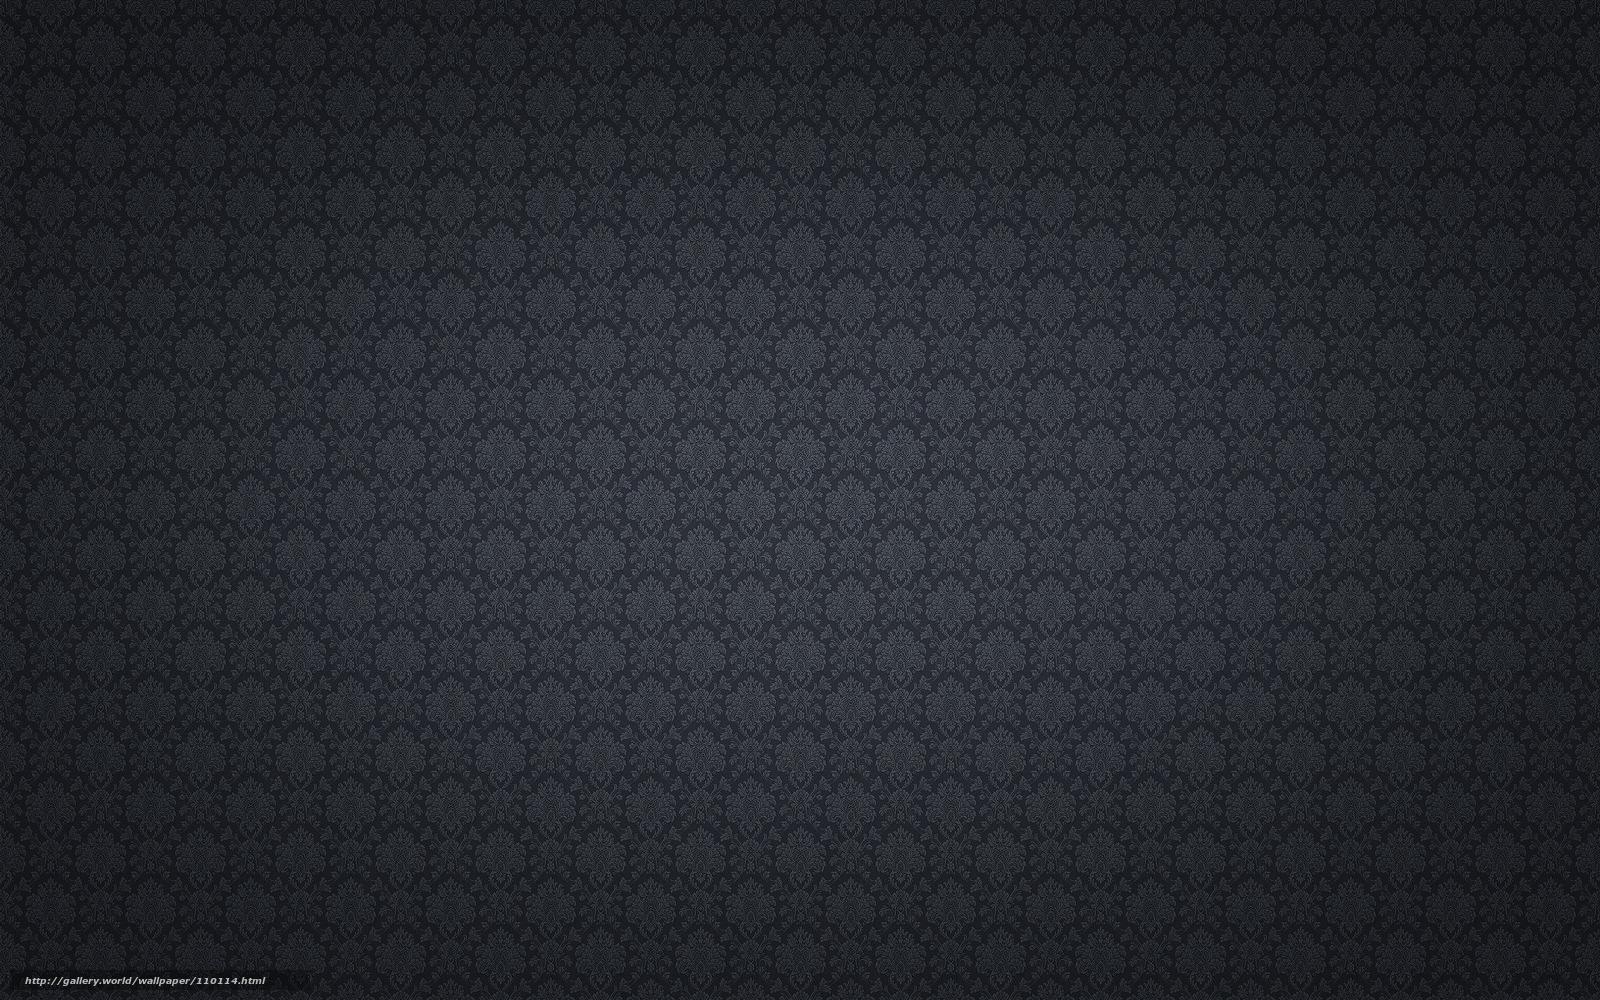 Download Hintergrund Textur, Tapete, Hintergrund, Bilder Freie desktop